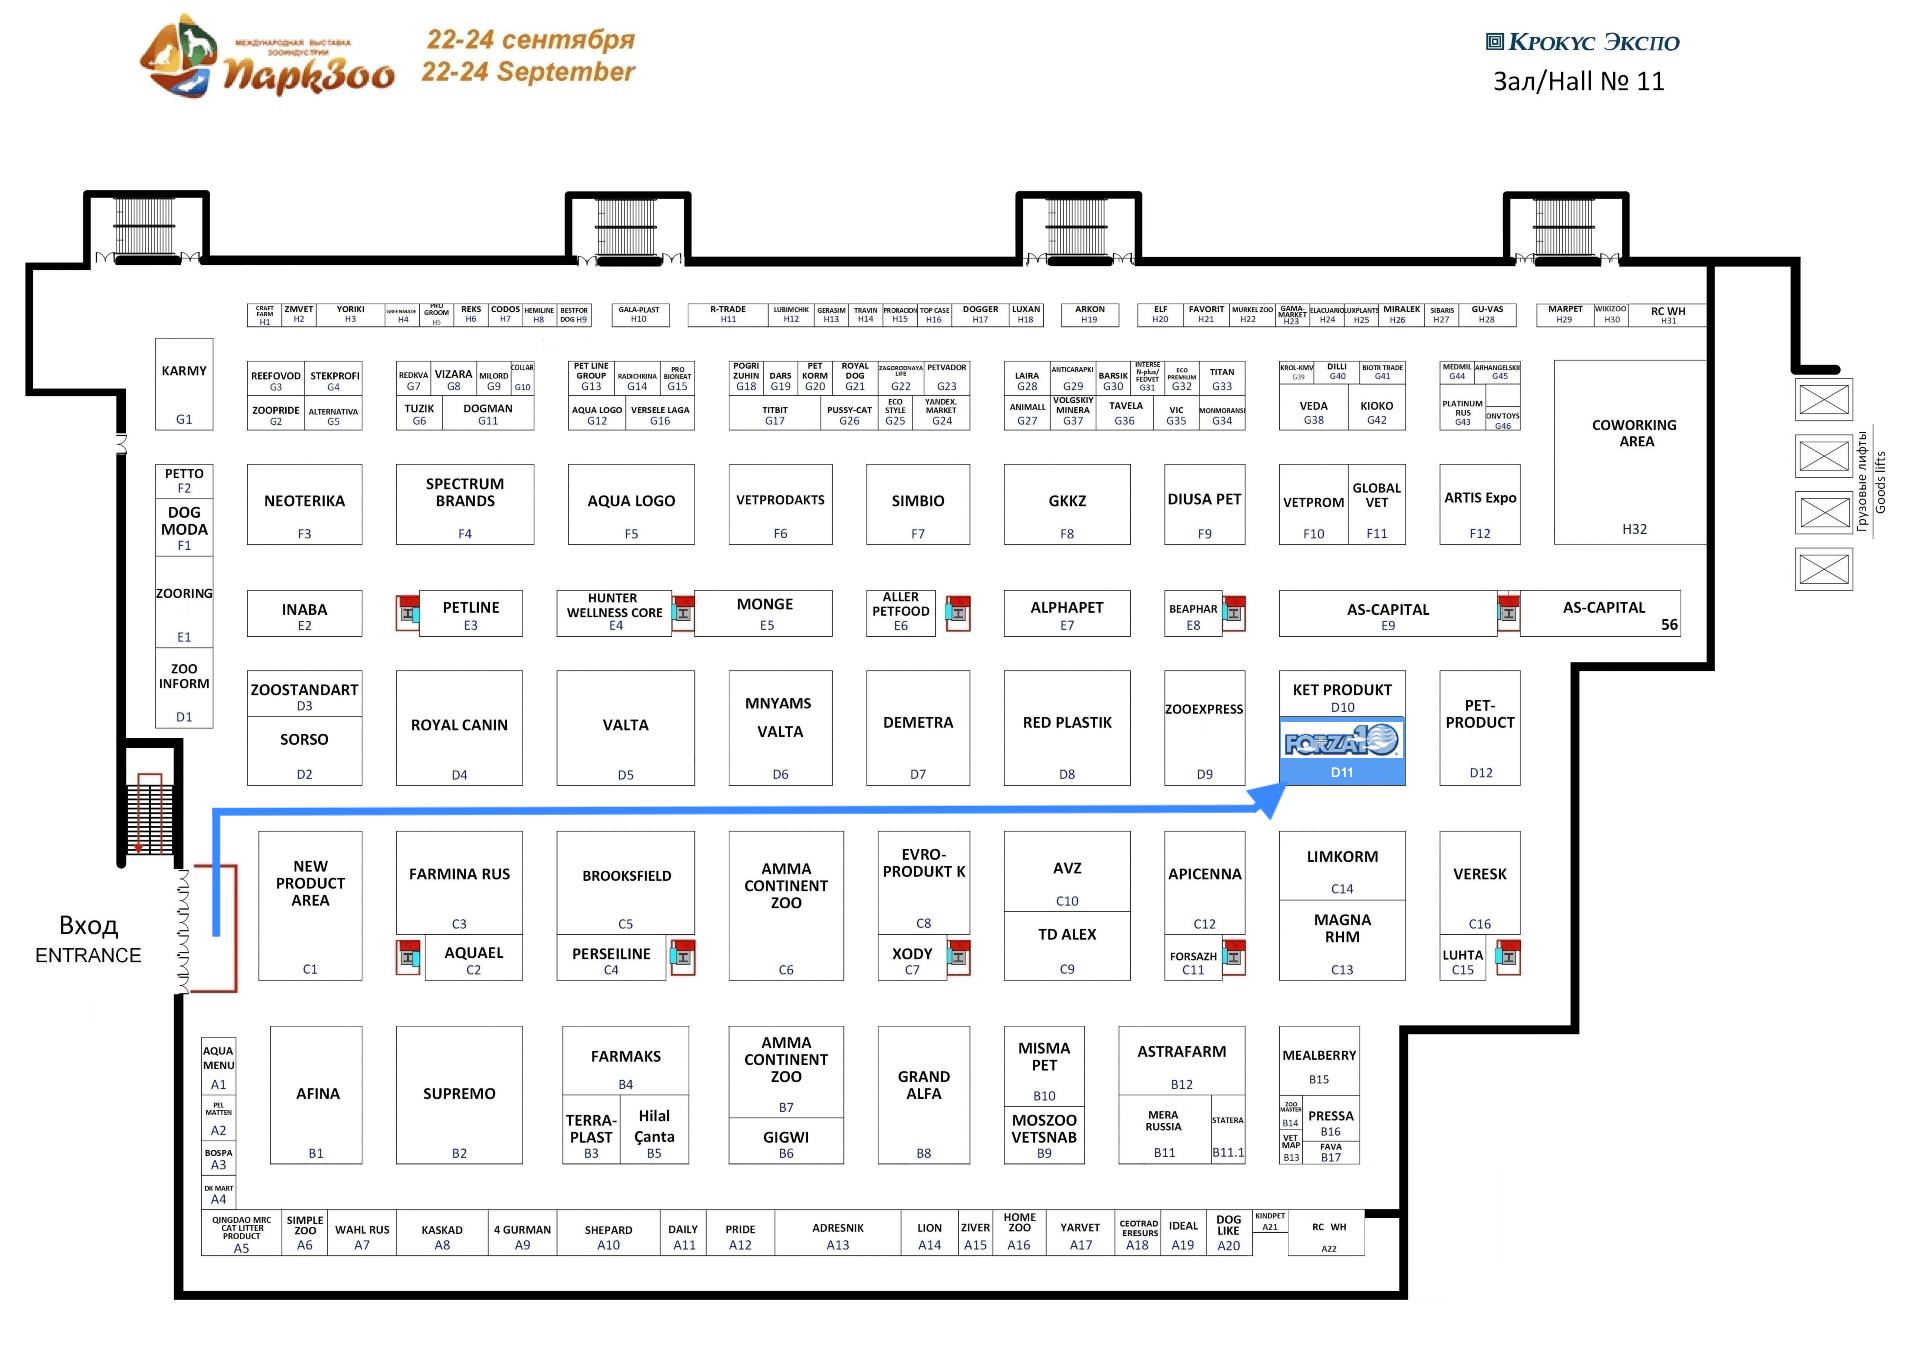 Схема расположения стенда Forza10 на выставке ПаркЗоо 2021